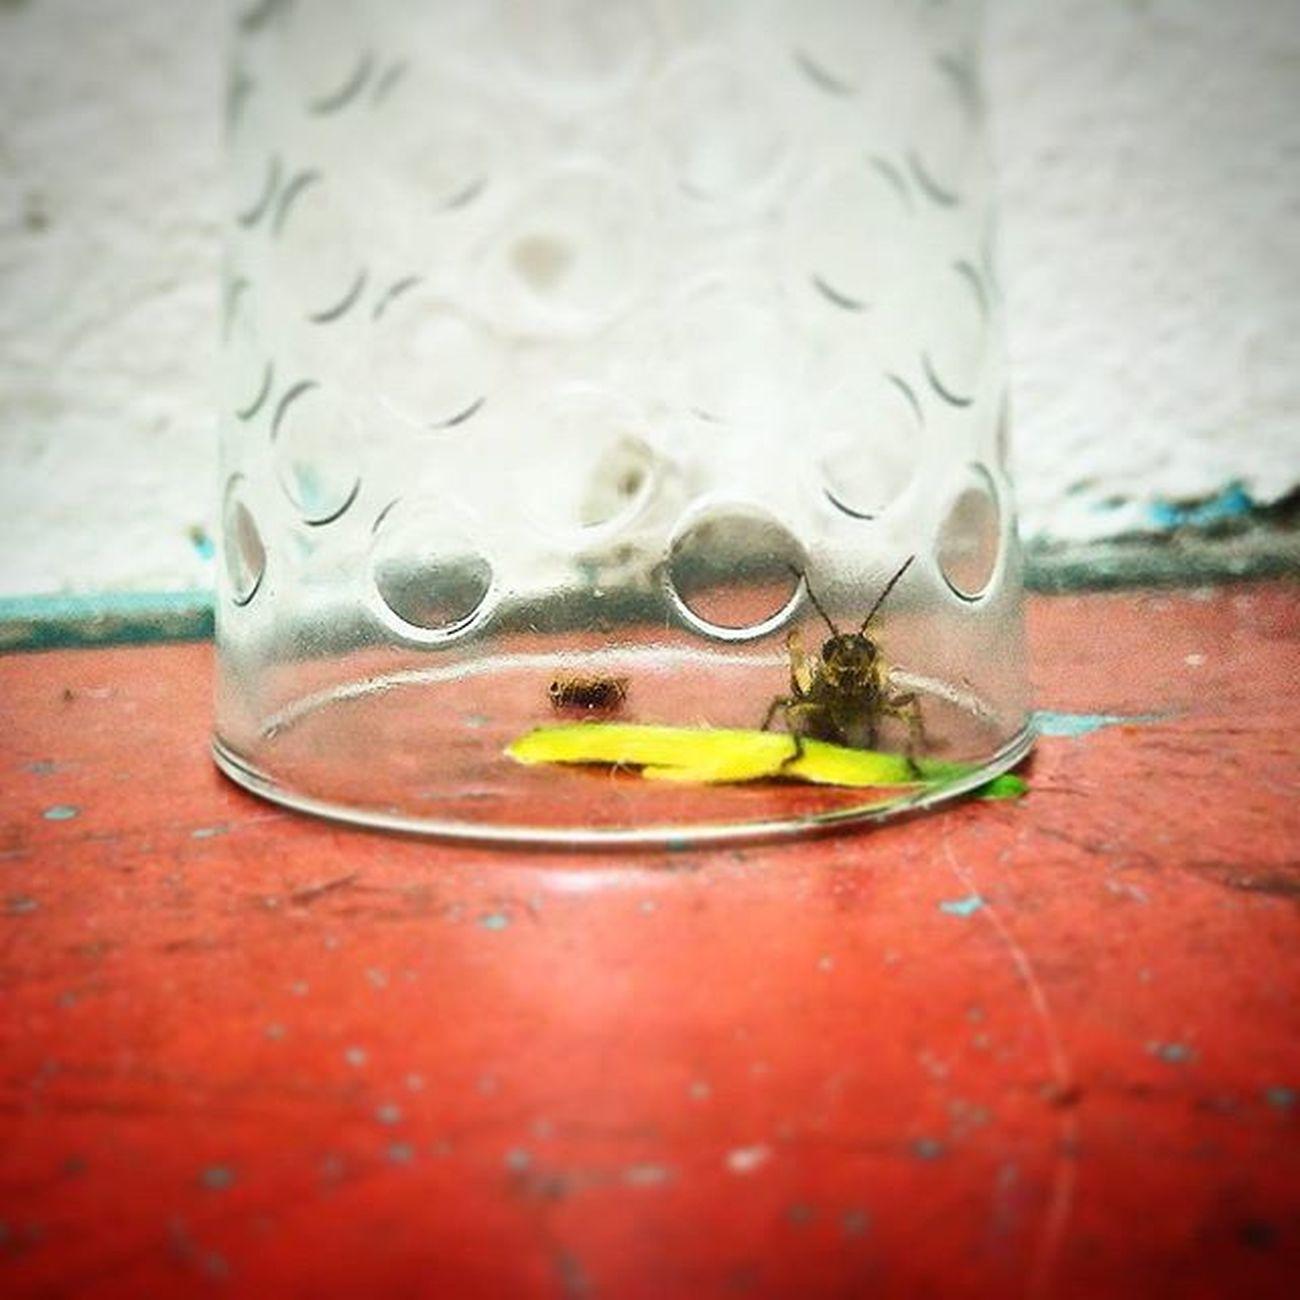 çekirge Böcek özgürlük